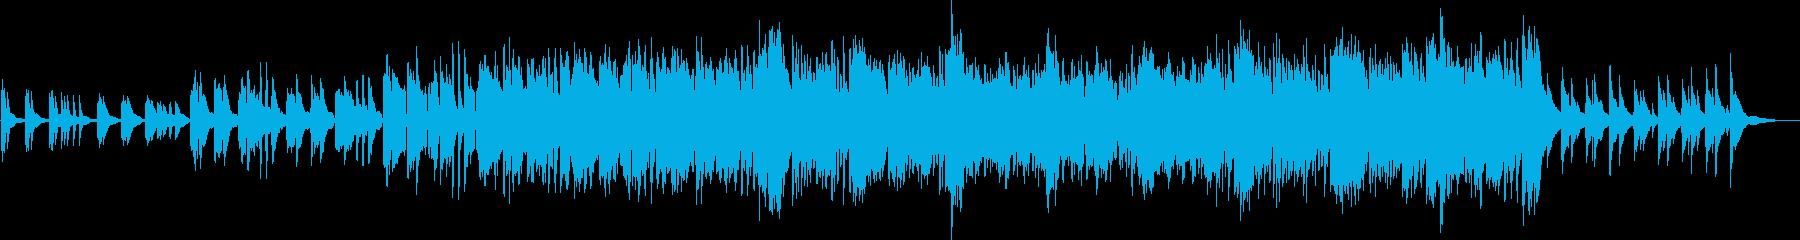 爽やかで高級感のあるピアノサウンドの再生済みの波形